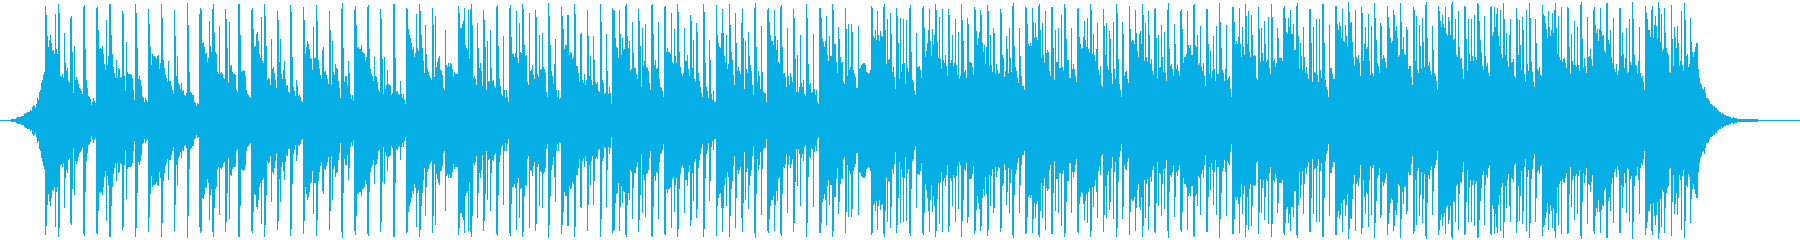 ポップ ロック コーポレート 感情...の再生済みの波形